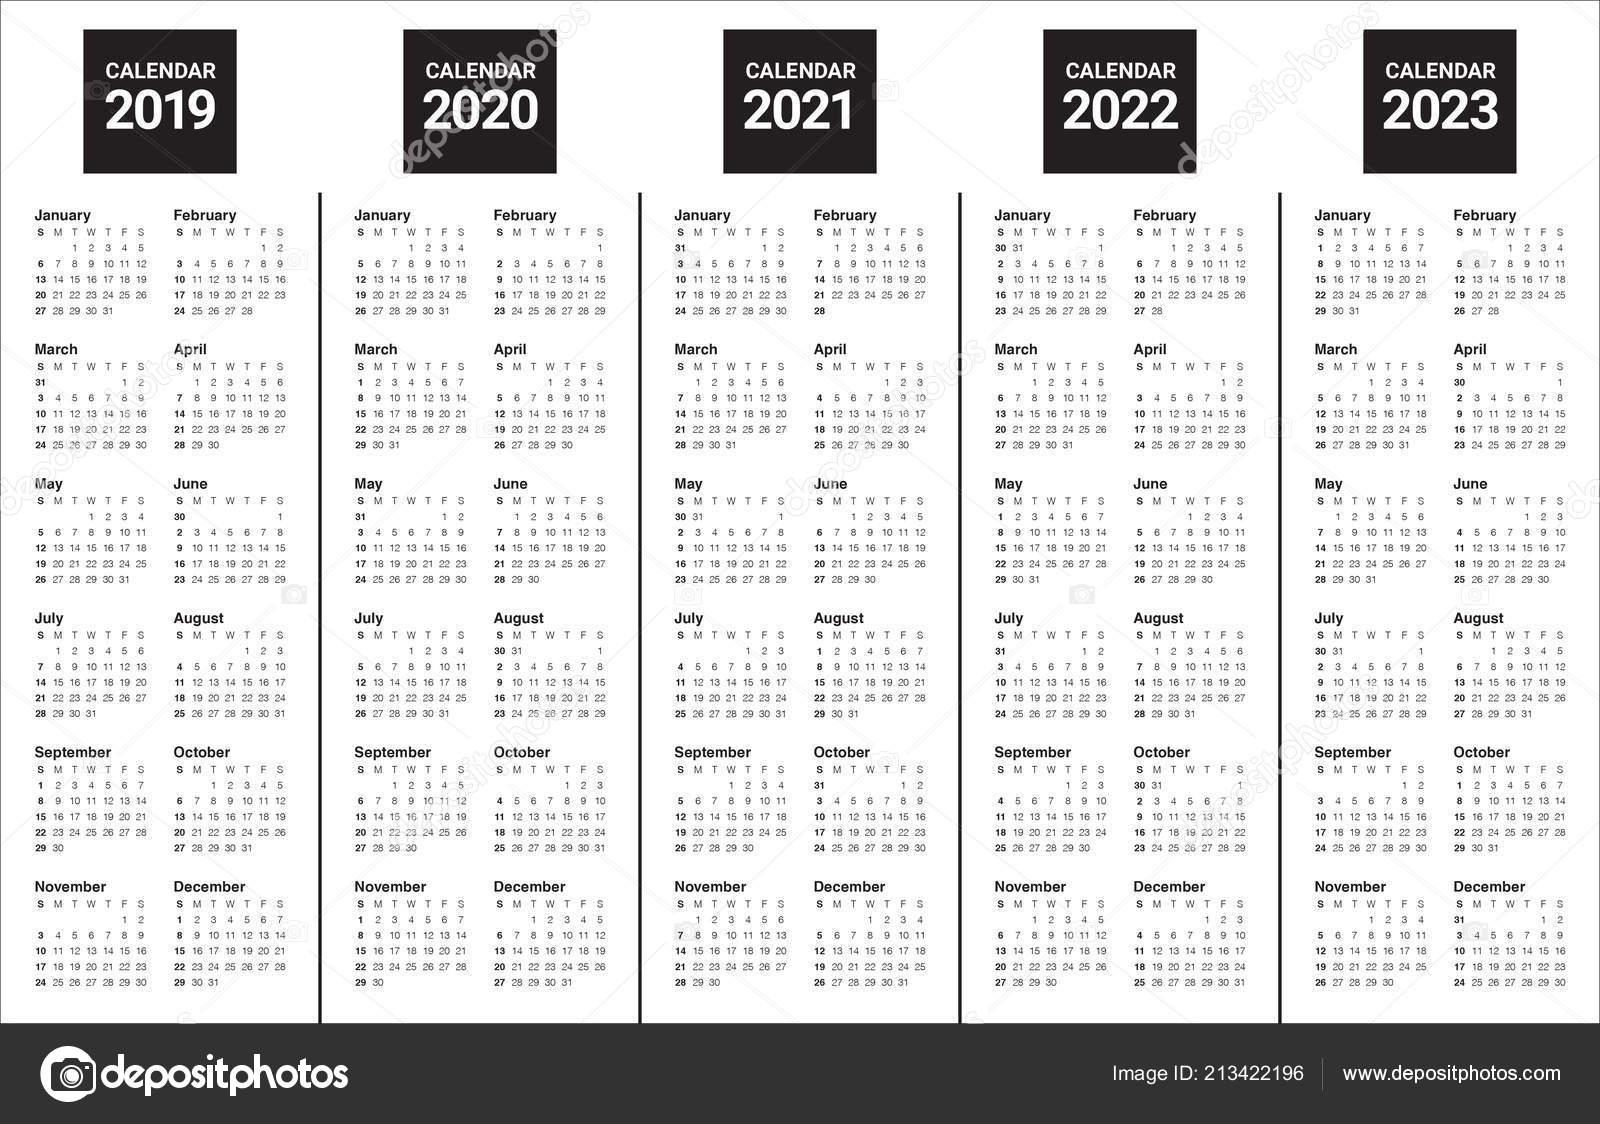 Printable Calendar For 2019/2020/2021/2022/2023 - Calendar Inspiration Design